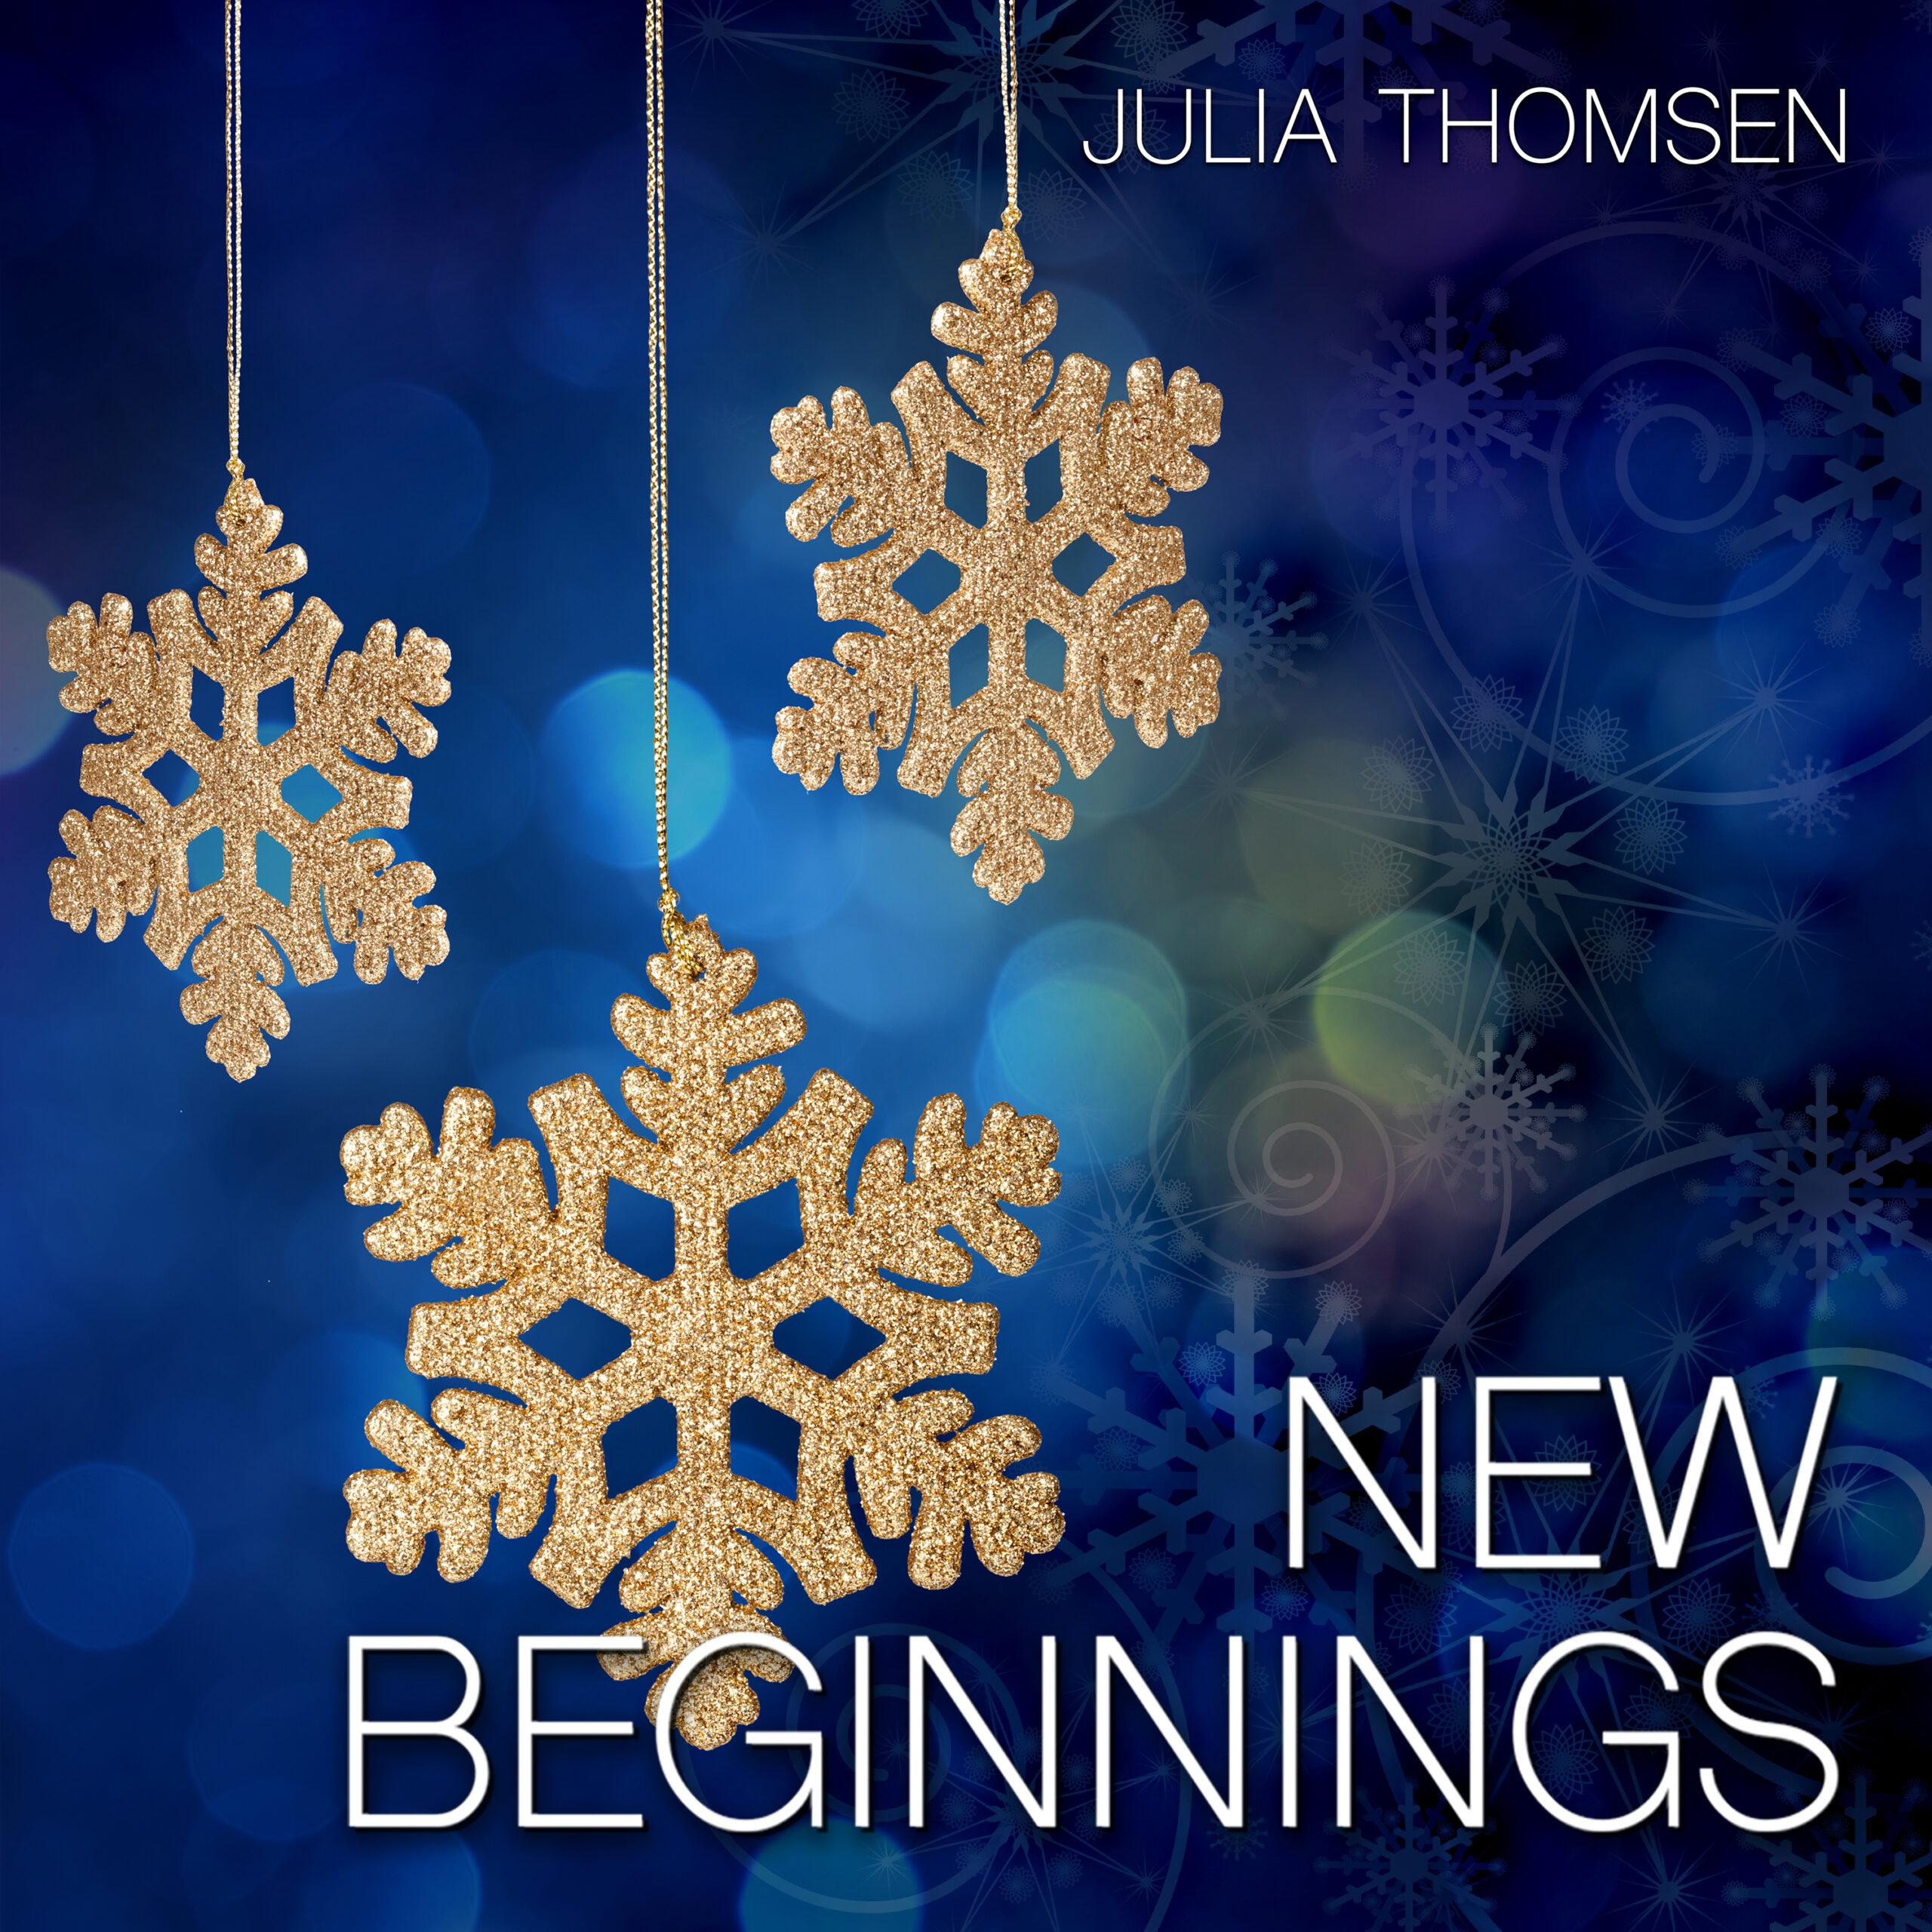 Julia Thomsen